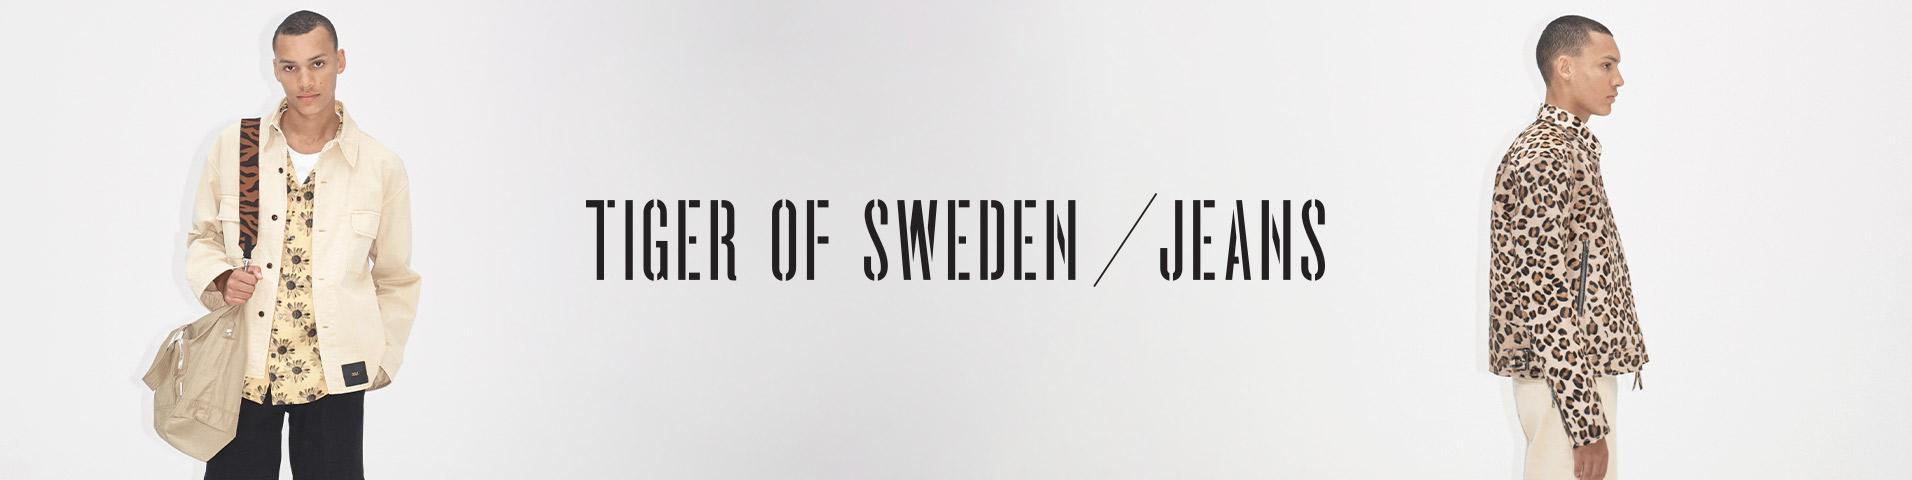 Tiger of Sweden Jeans Jacken für Herren riesige Auswahl